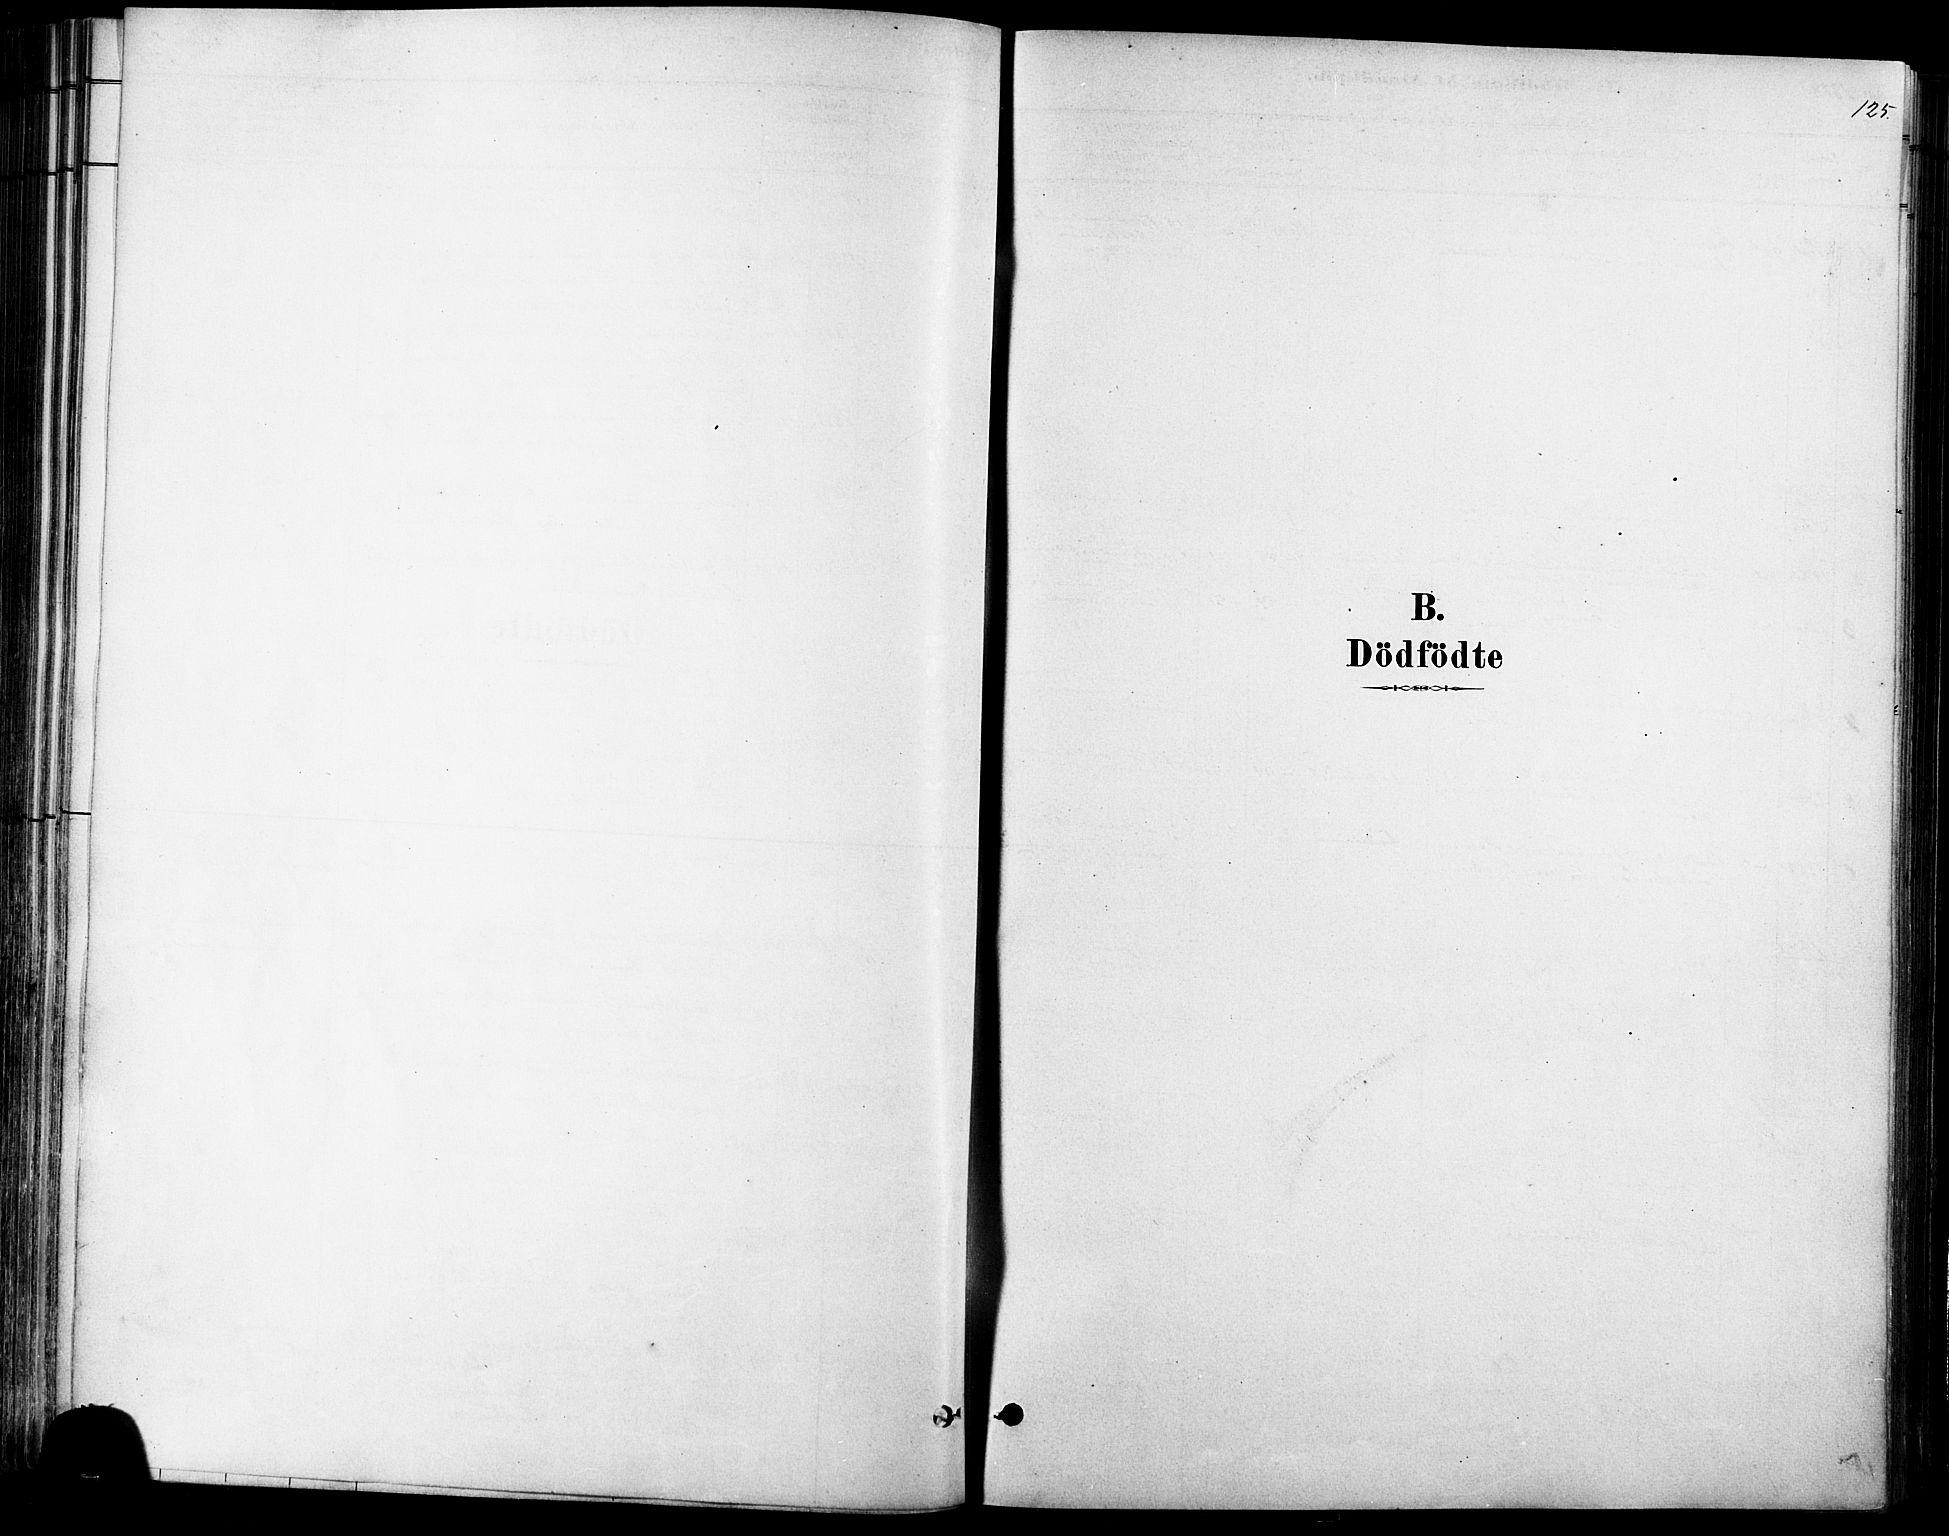 SAT, Ministerialprotokoller, klokkerbøker og fødselsregistre - Møre og Romsdal, 529/L0454: Ministerialbok nr. 529A04, 1878-1885, s. 125